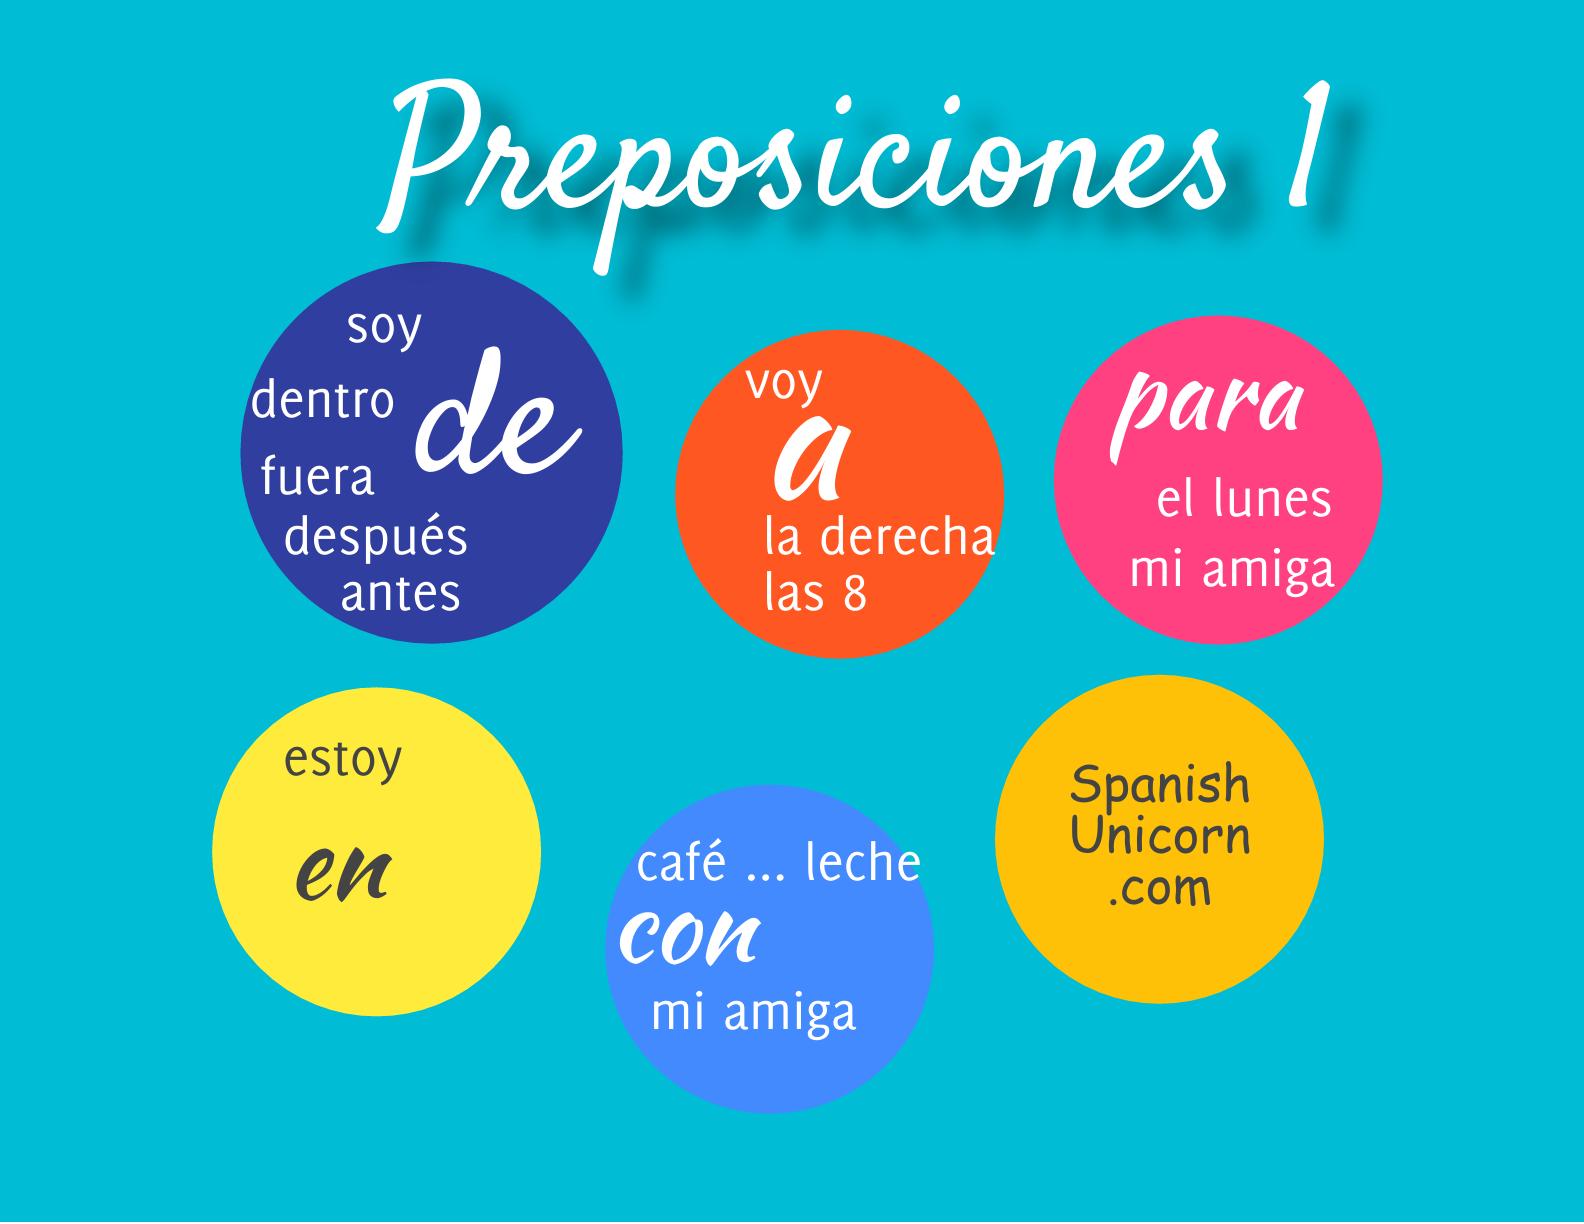 preposiciones en espanol